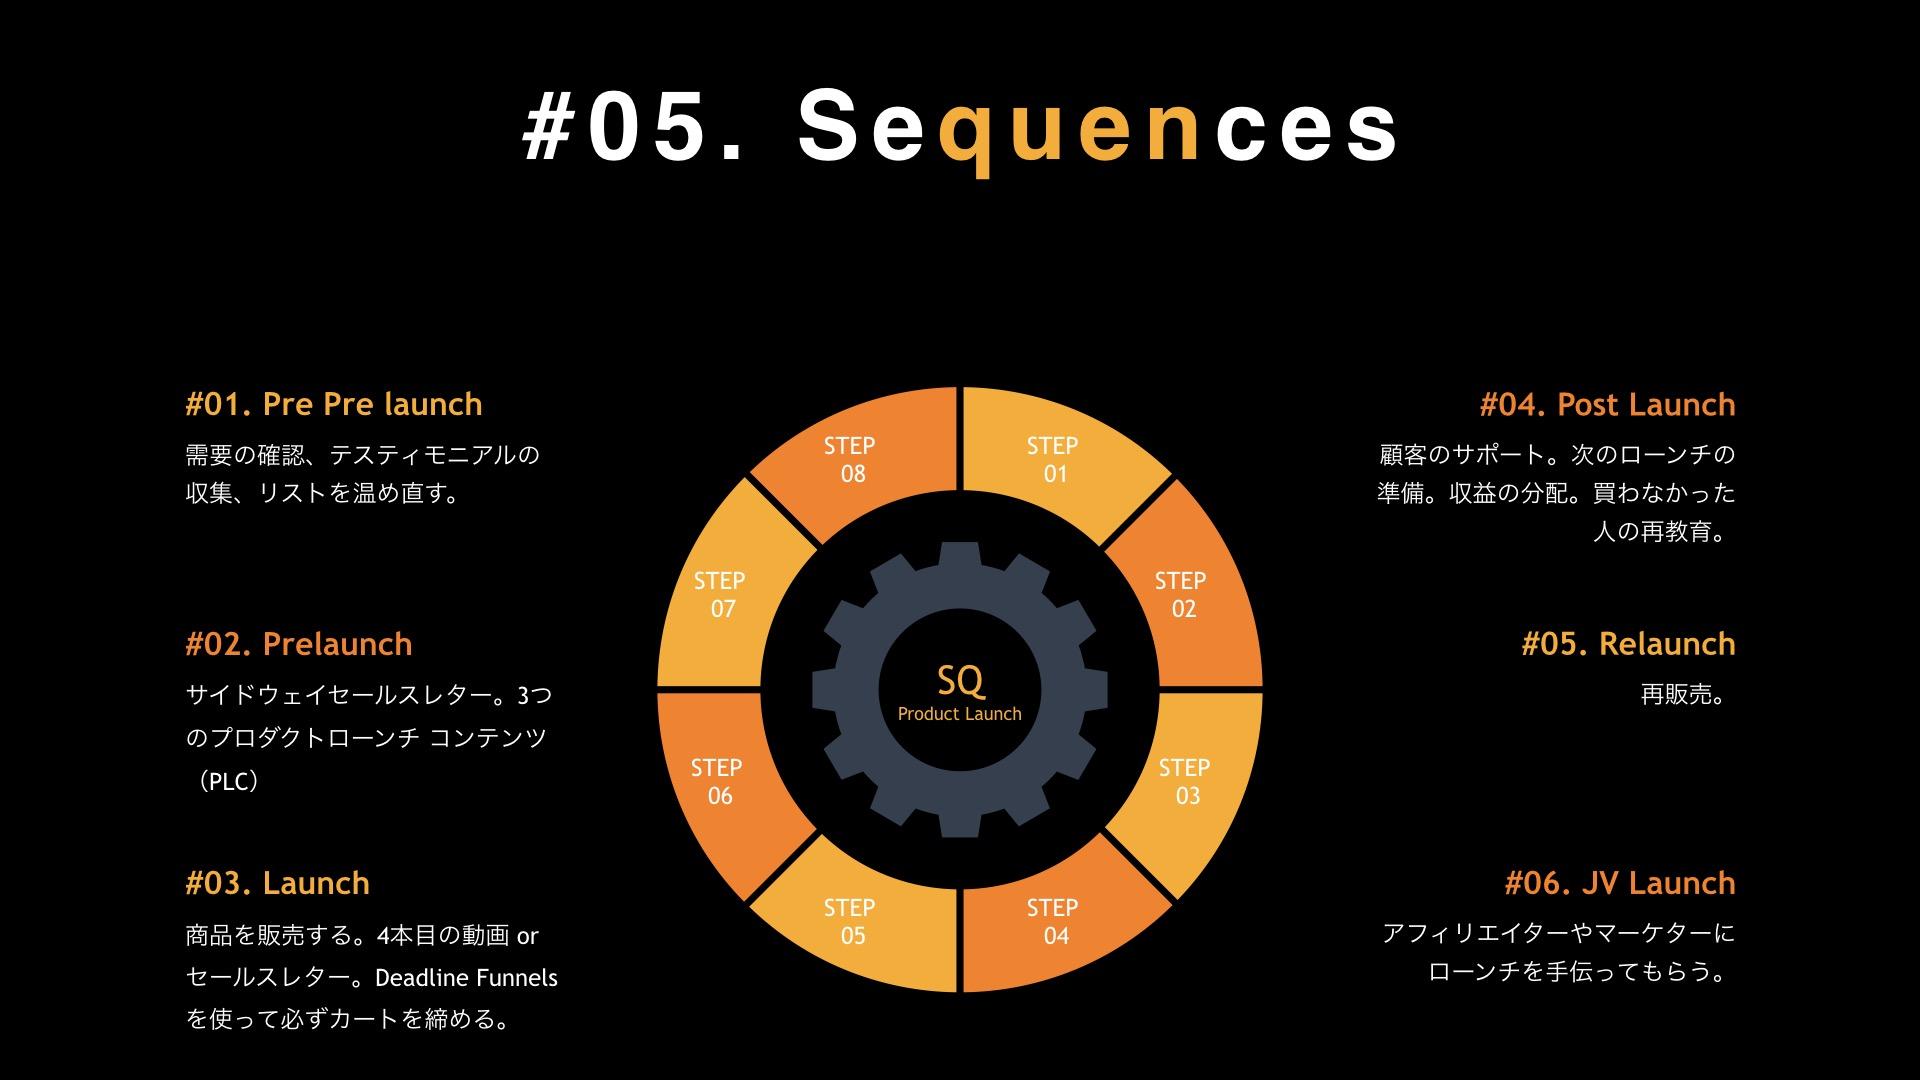 モジュール 01 プロダクトローンチ の戦略と専門用語 012